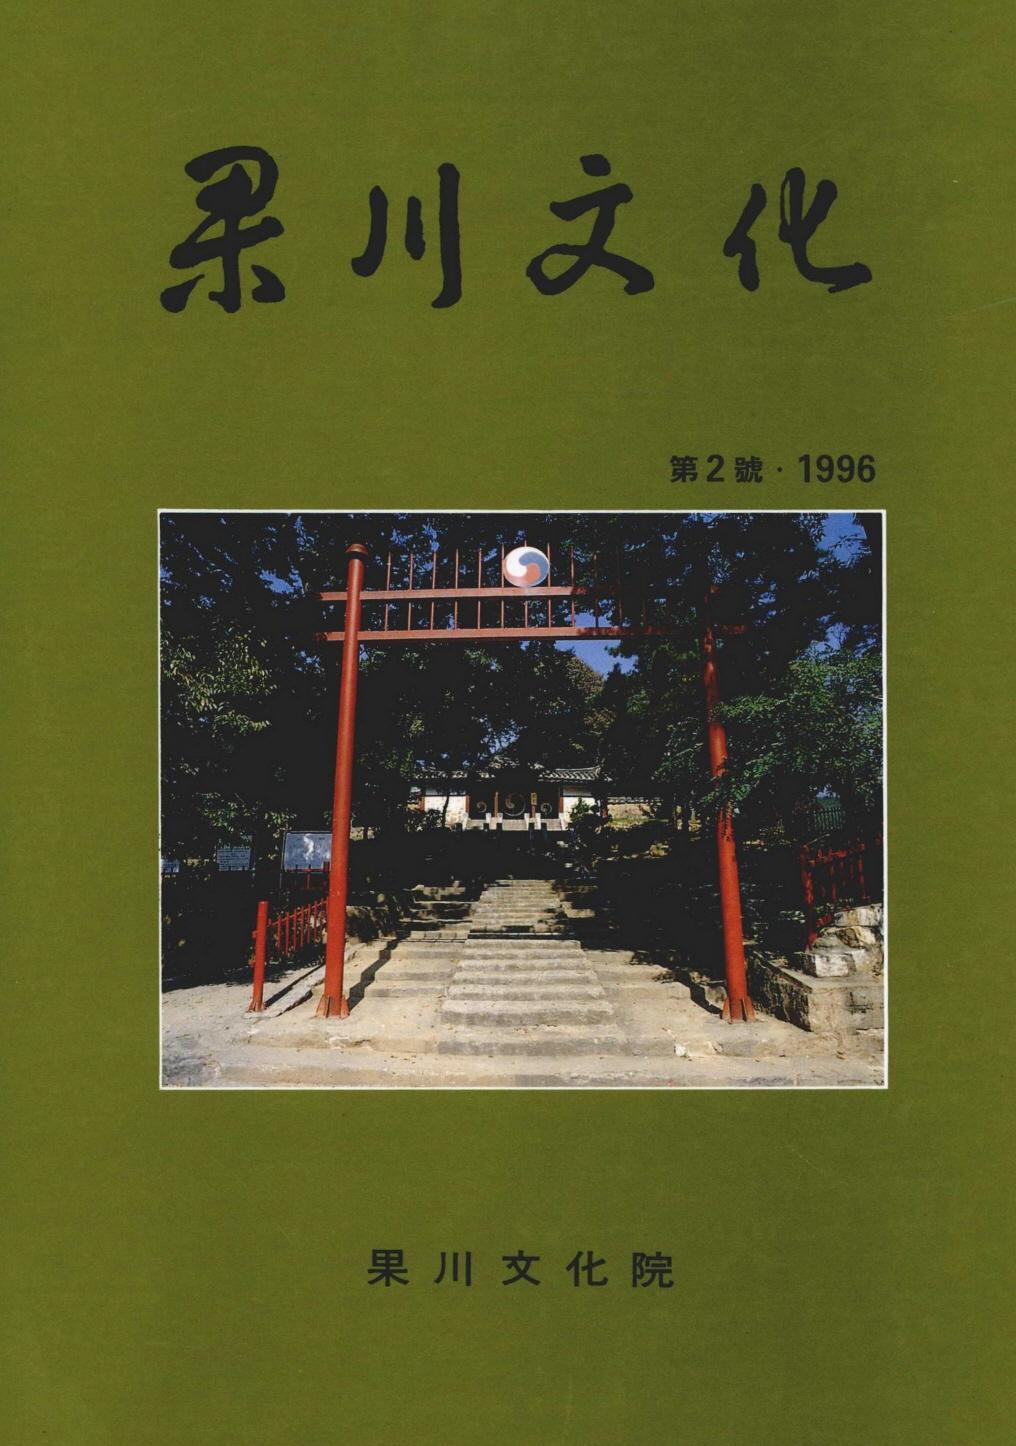 과천문화 제2호 ∙ 1996